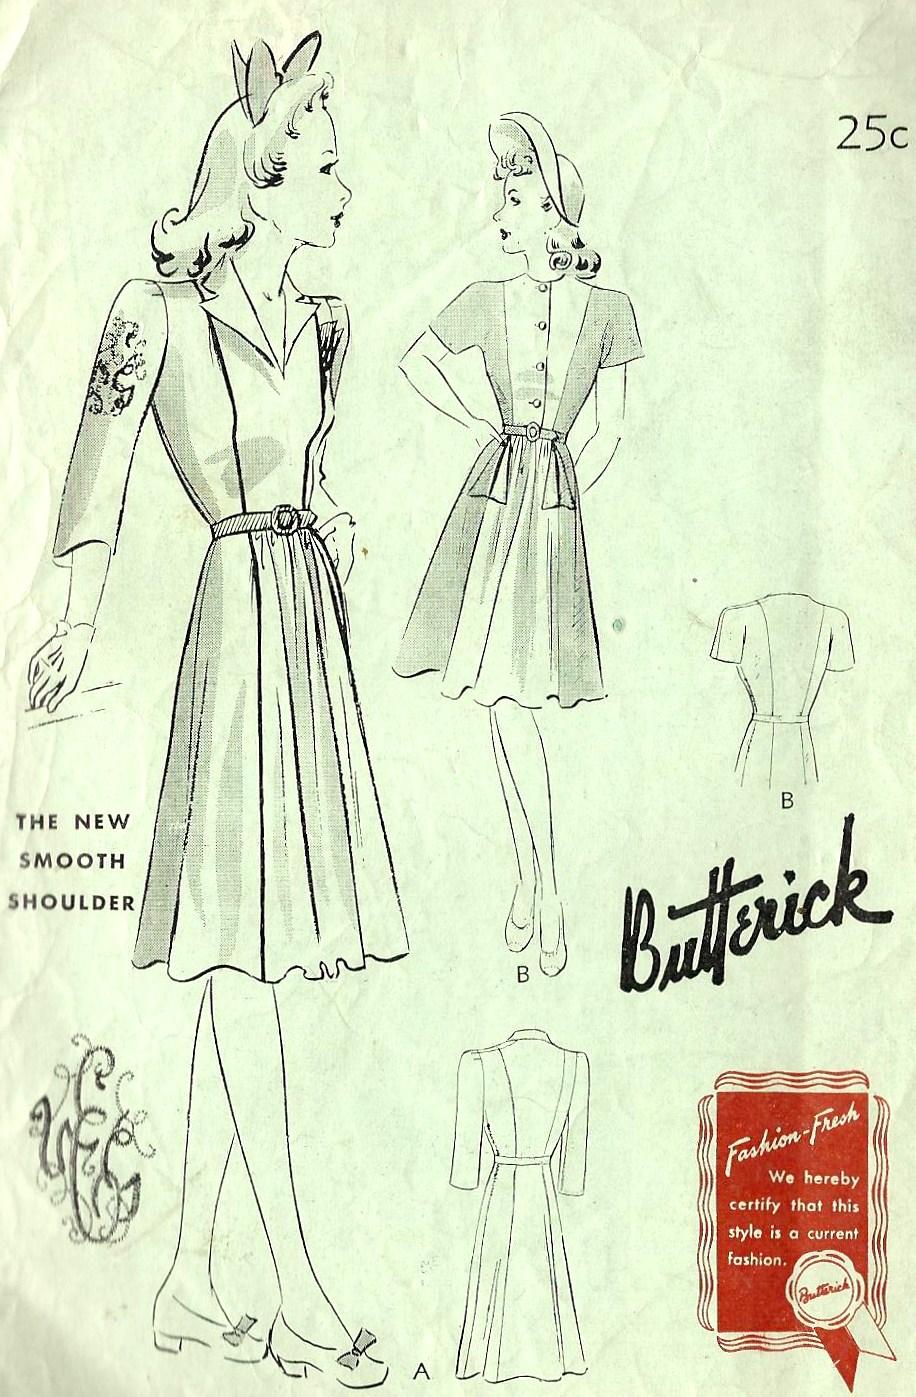 Butterick 1531